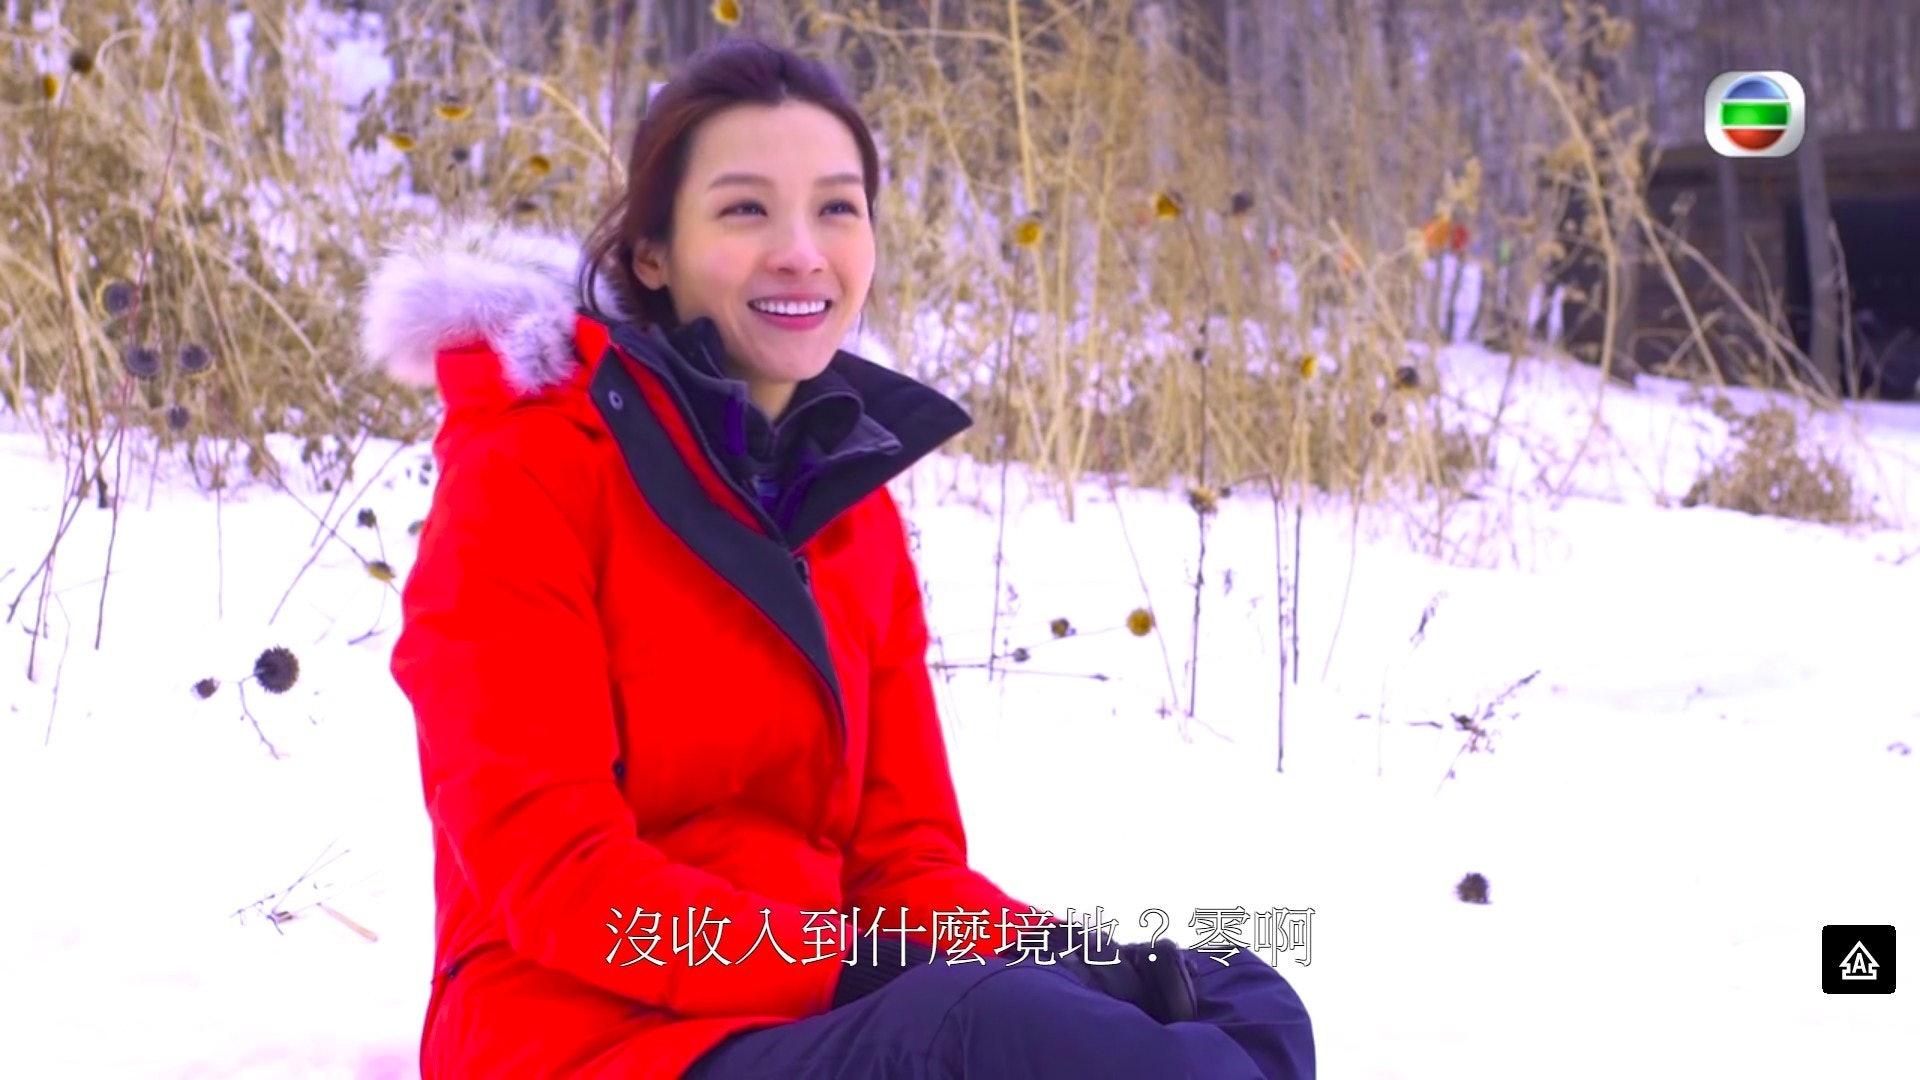 回望過去6年嘅演員日子,李佳芯甚為感觸。(影片截圖)